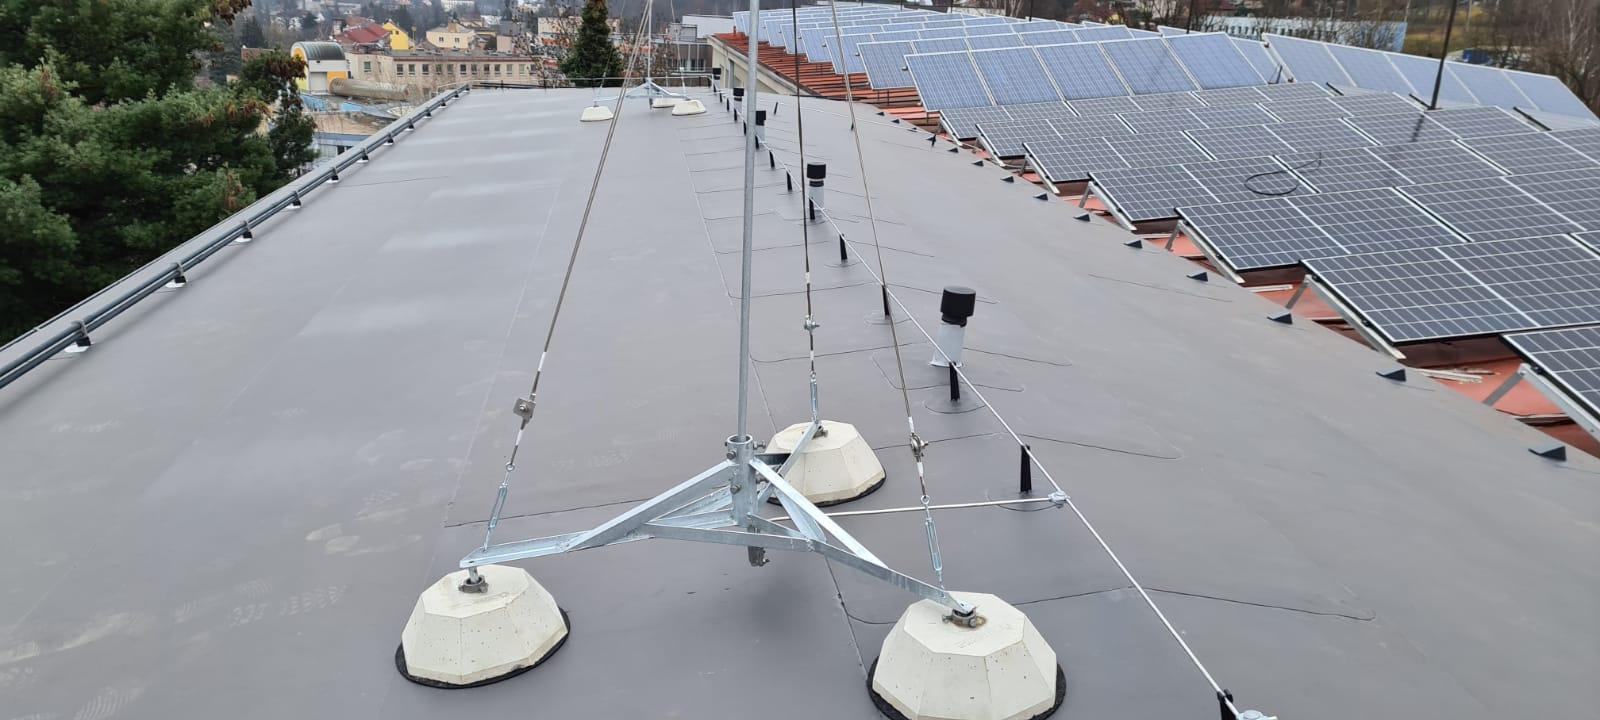 ZŠ T. G. Masaryka vNáchodě má opravenou poškozenou část střechy